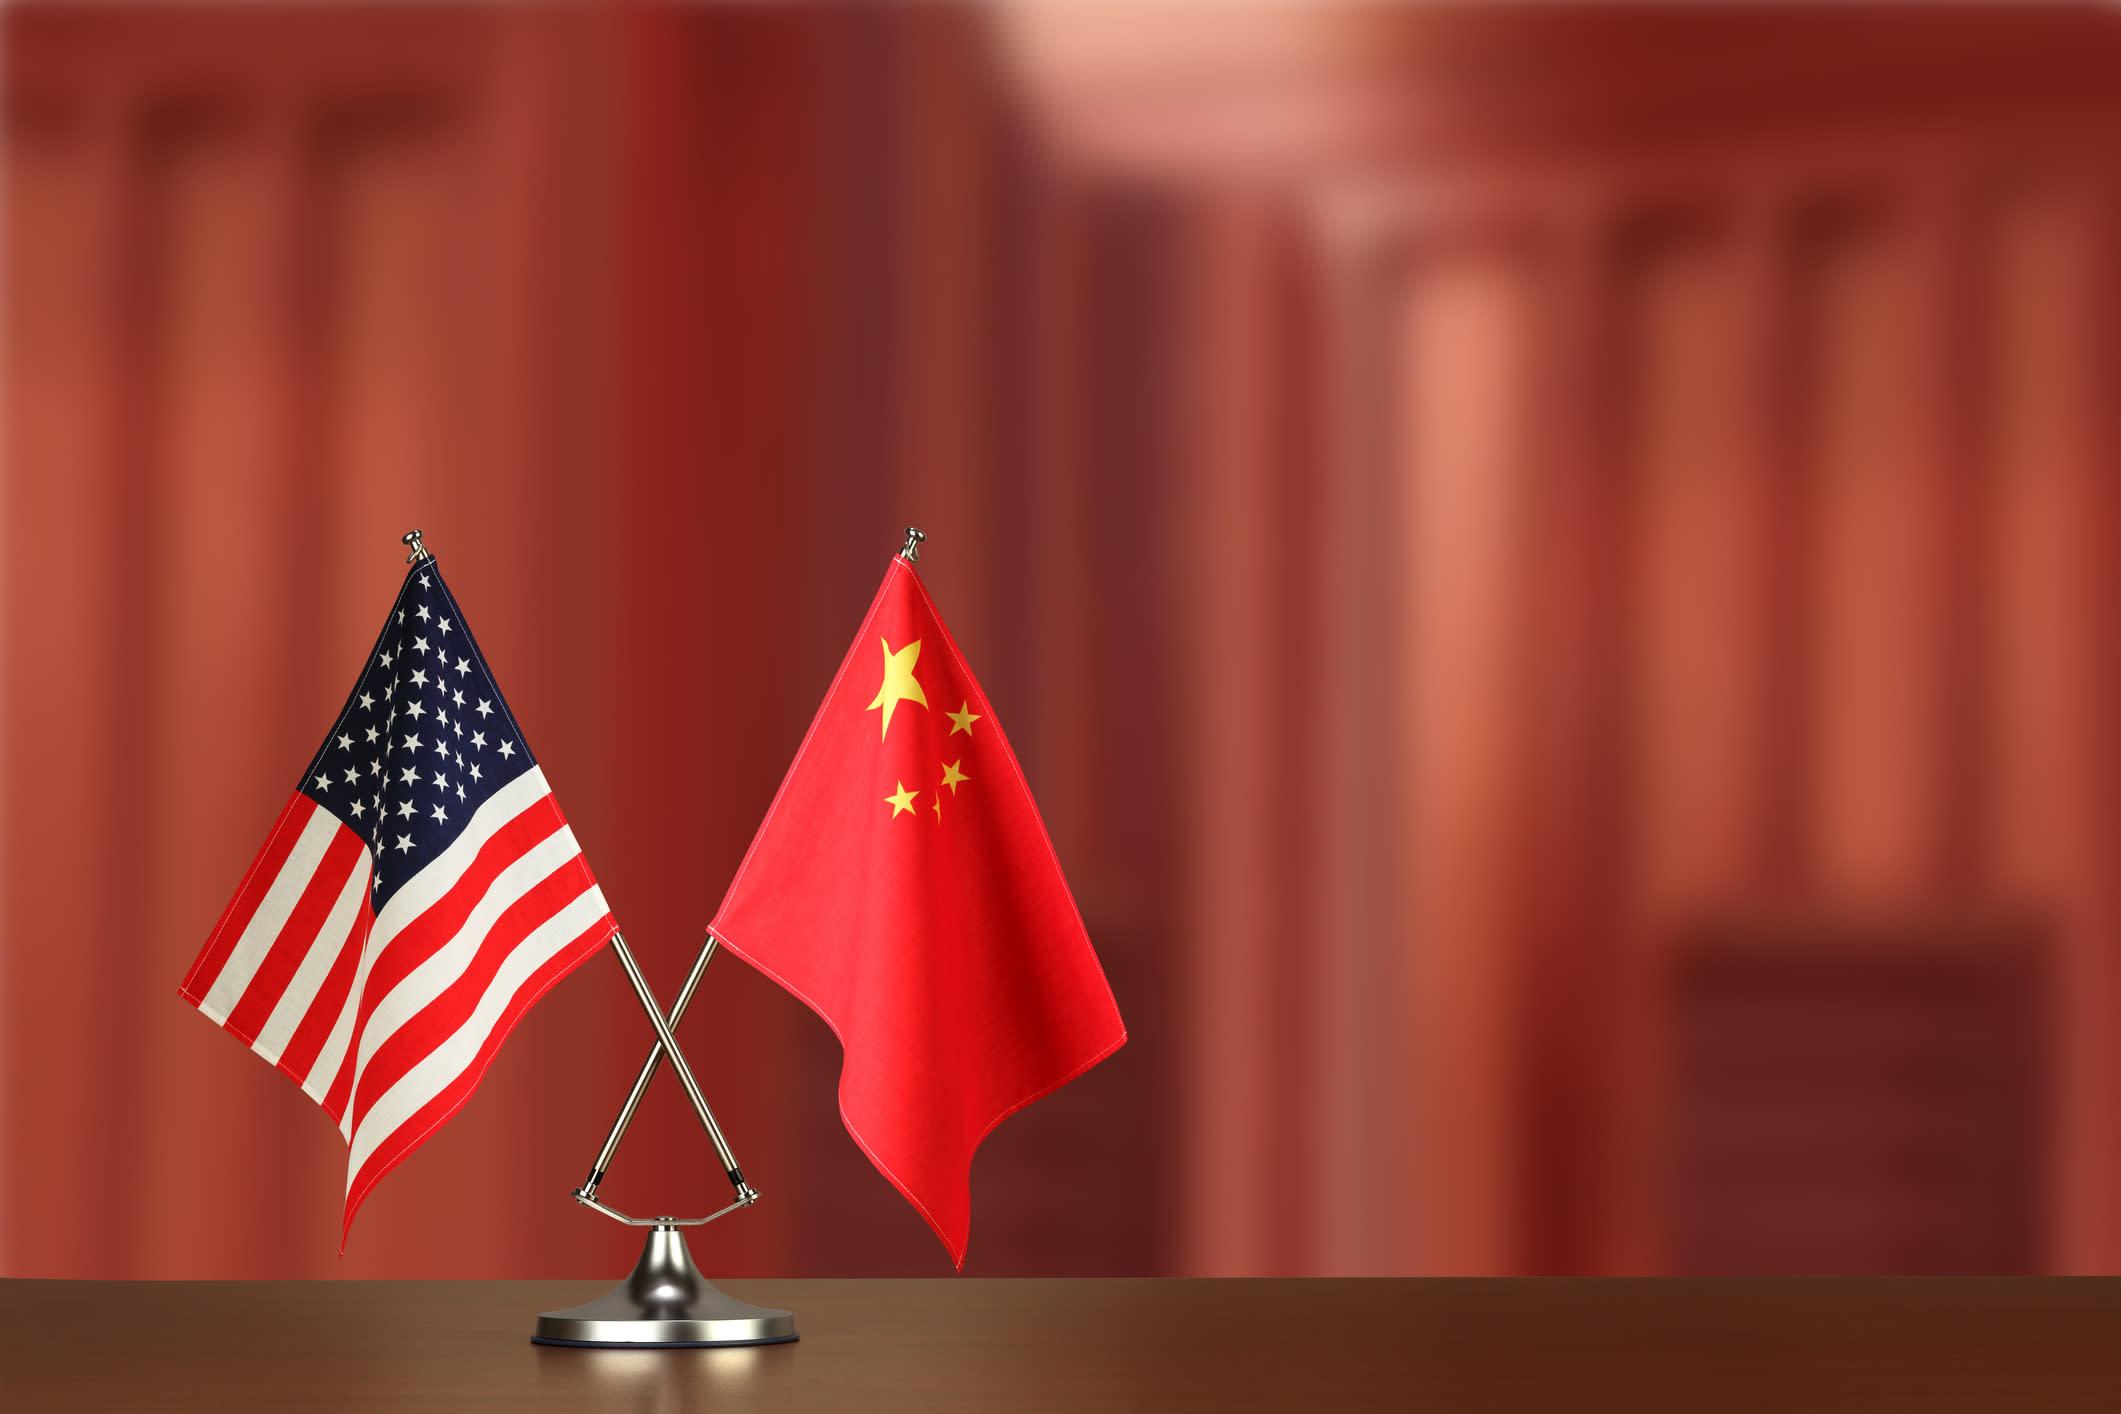 【中美貿易戰】國際貿易專家:中美將繼續互相依賴